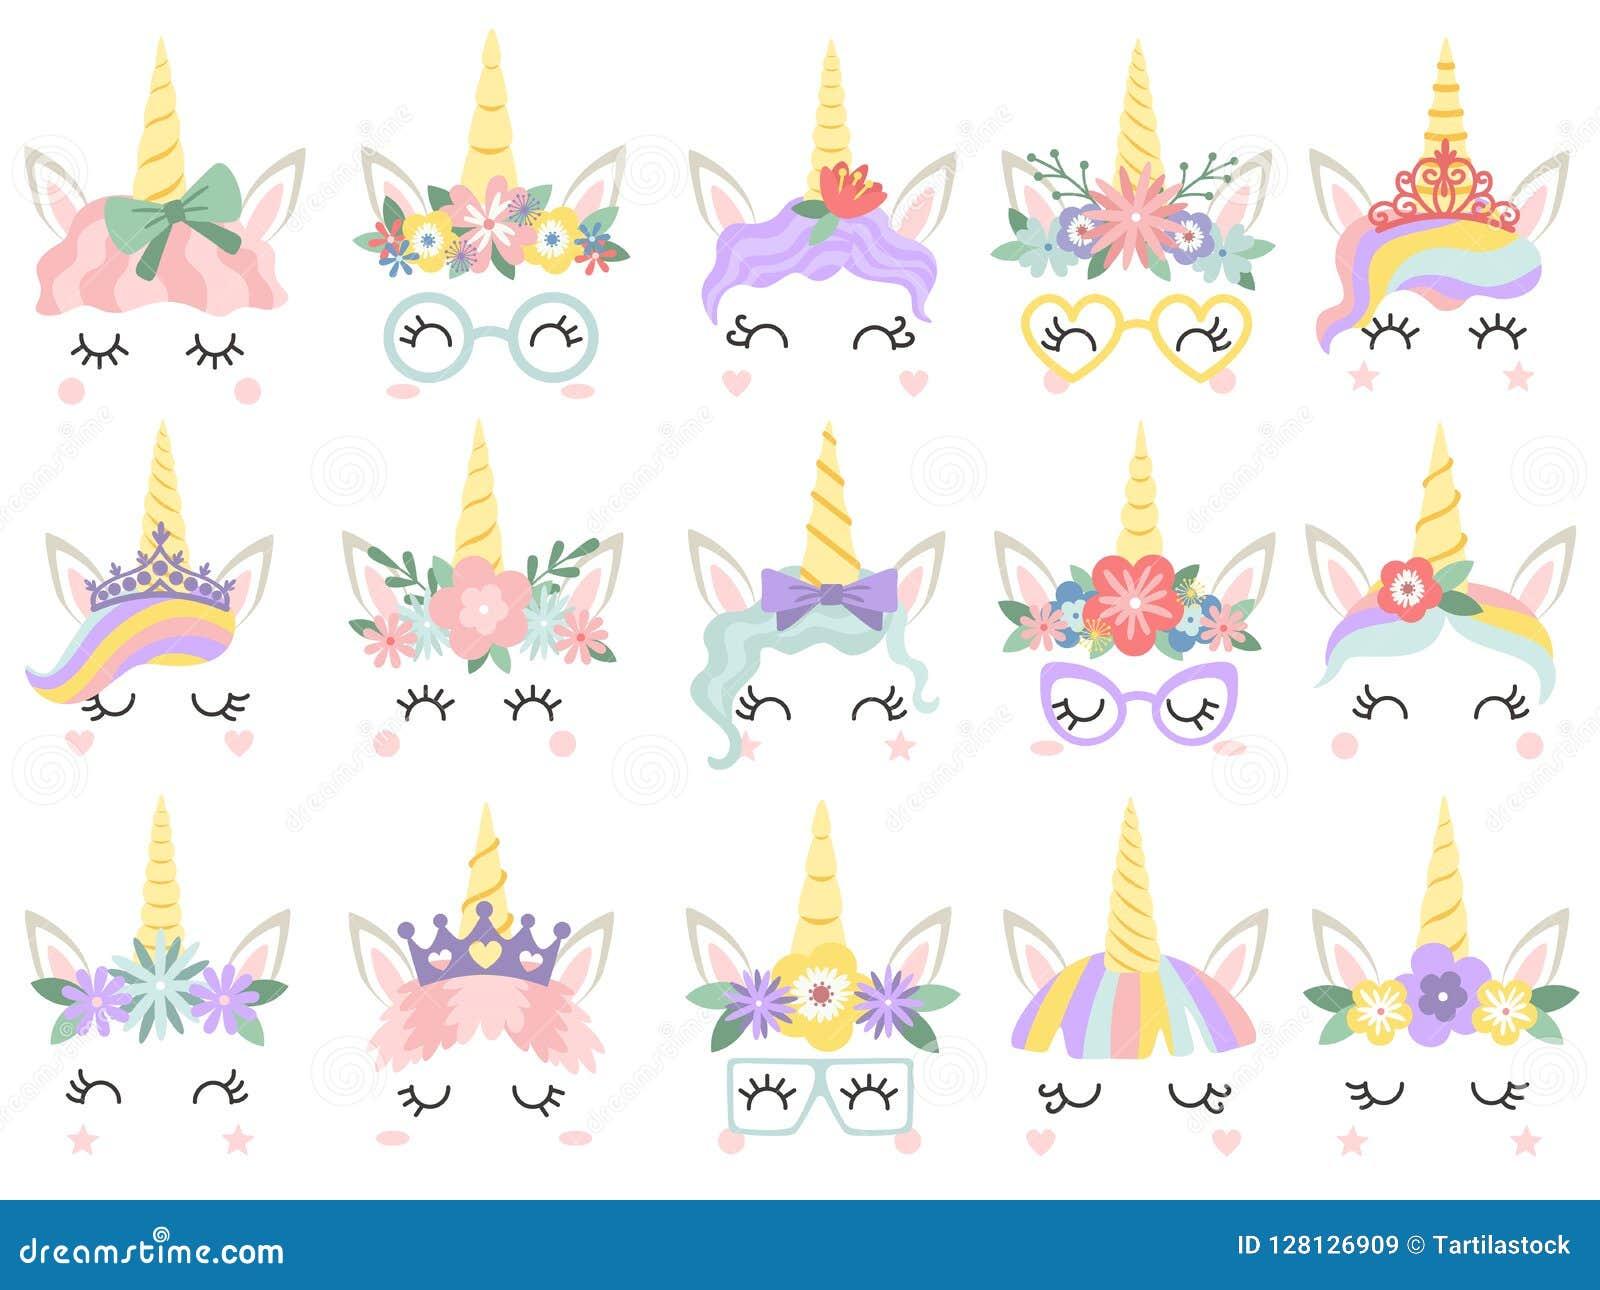 Unicorn Face As caras bonitas dos unicórnios do pônei, o chifre mágico na grinalda da flor do arco-íris e as pestanas bonitos vec